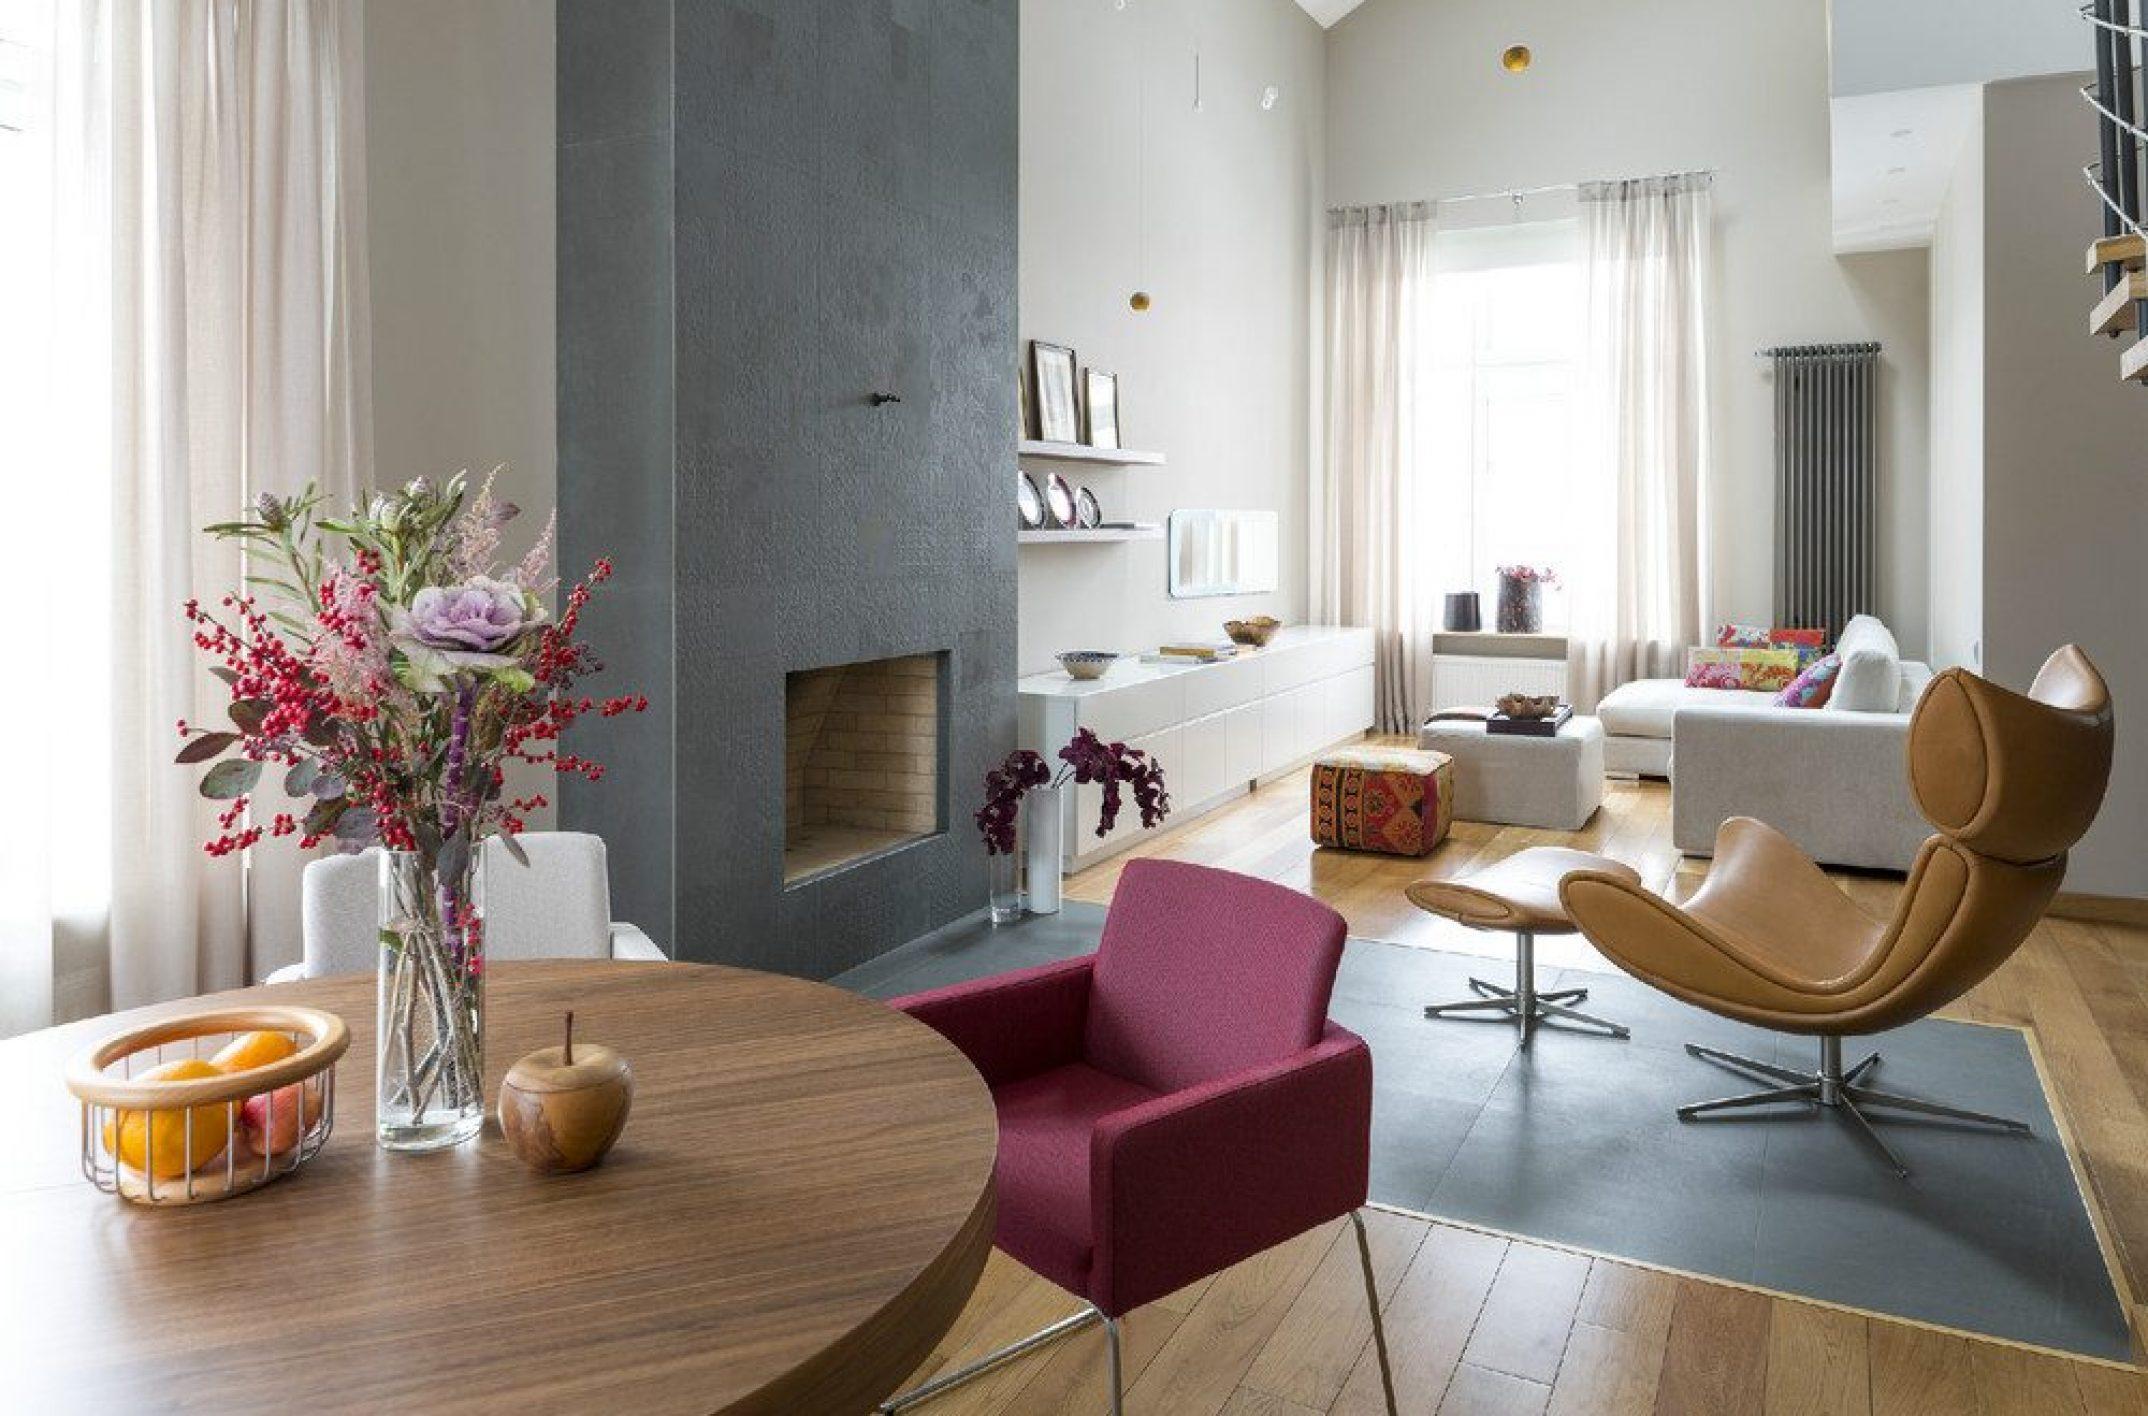 Trouver facilement des meubles design de marques petits prix for Meuble design bas prix